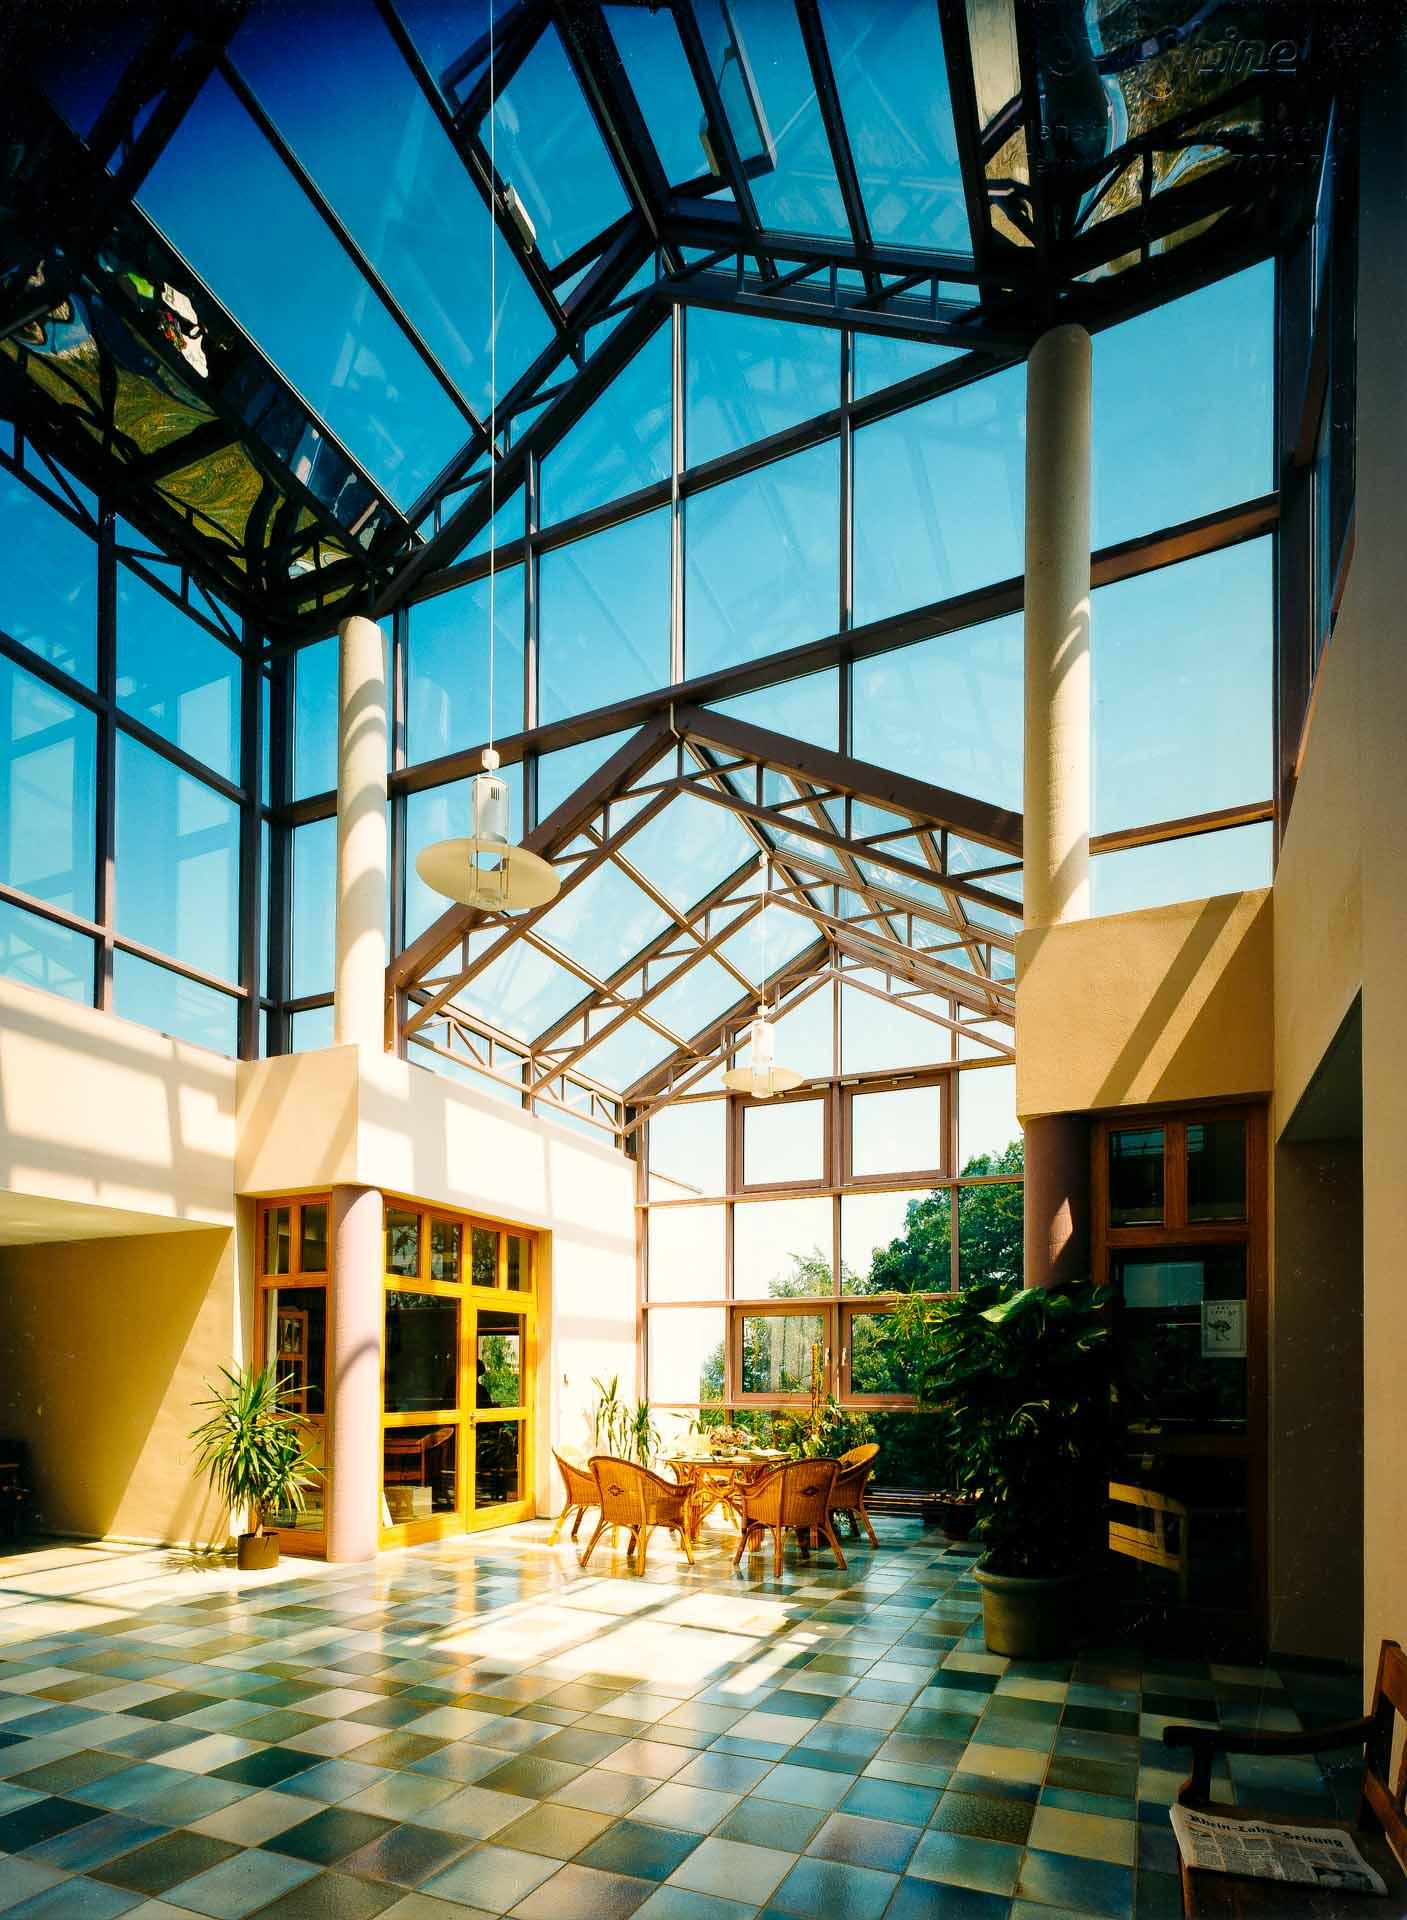 Wintergarten am Dr. Bruker Gesundheitszentrum in Lahnstein (Objekt 433)